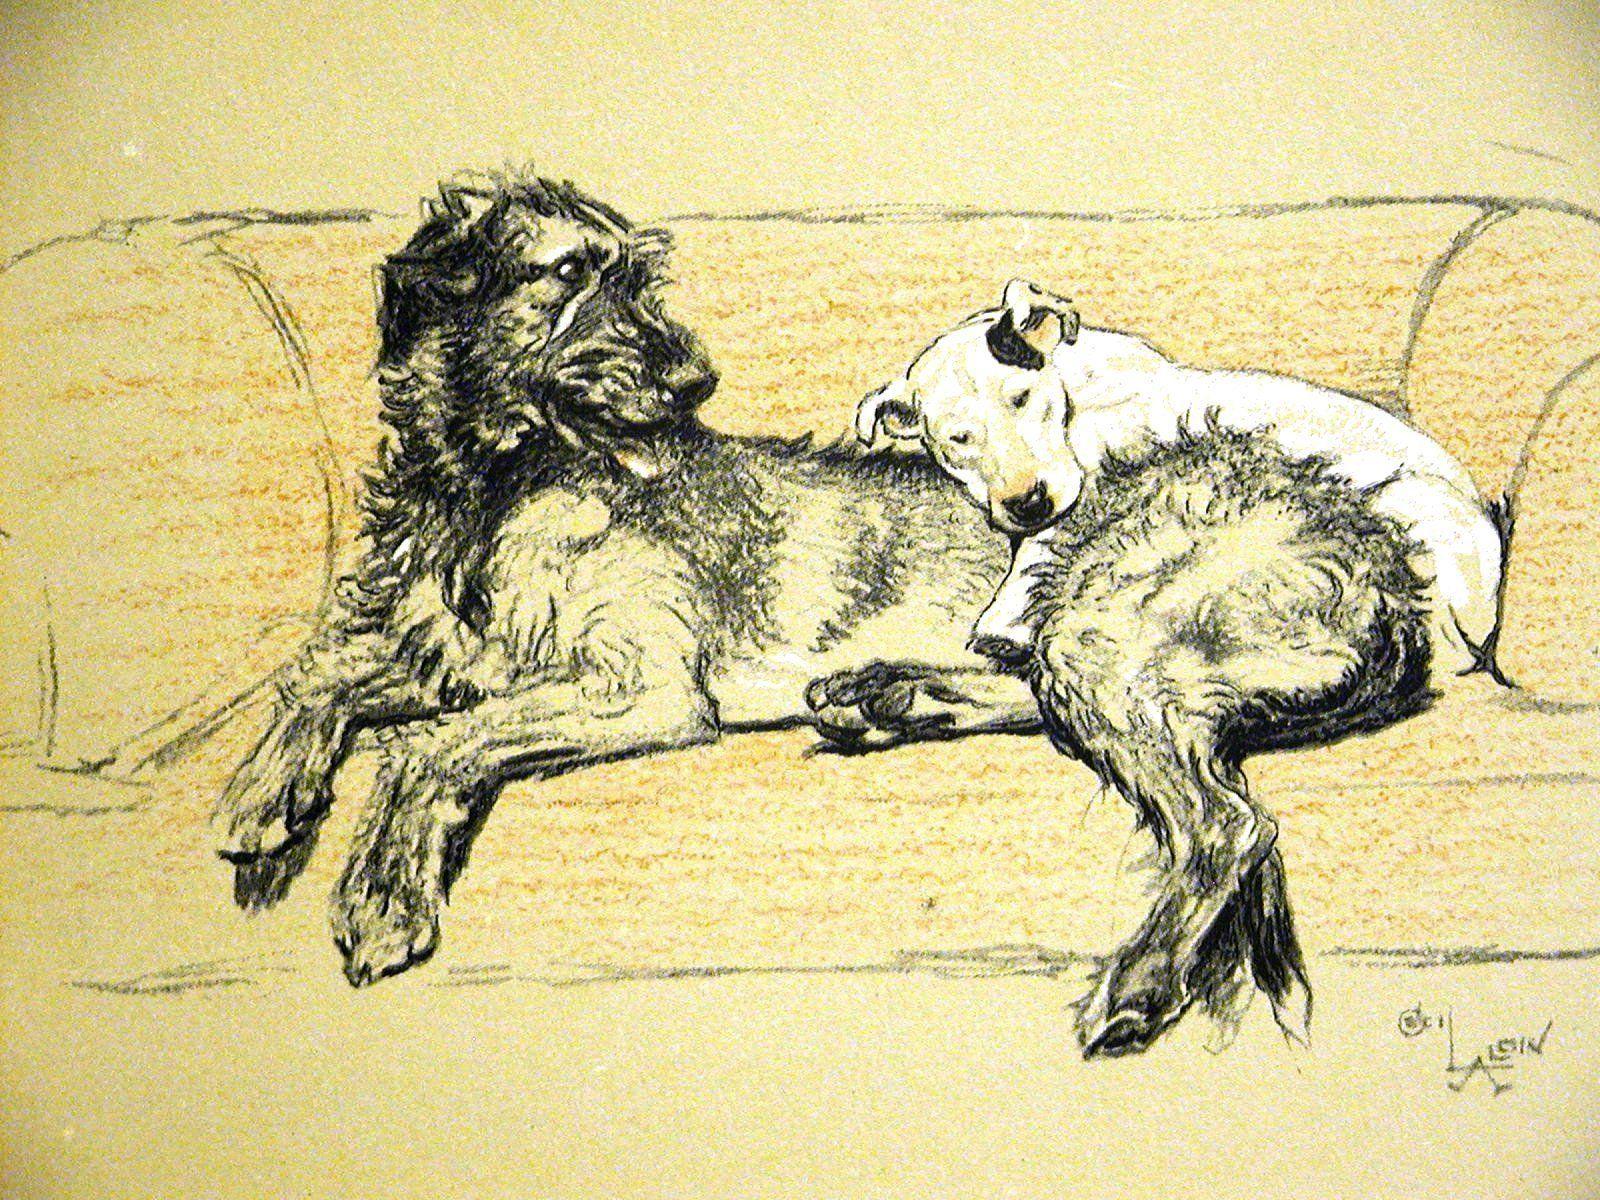 Cecil Aldin Execration Bull Terrrier Irish Wolfhound 1929